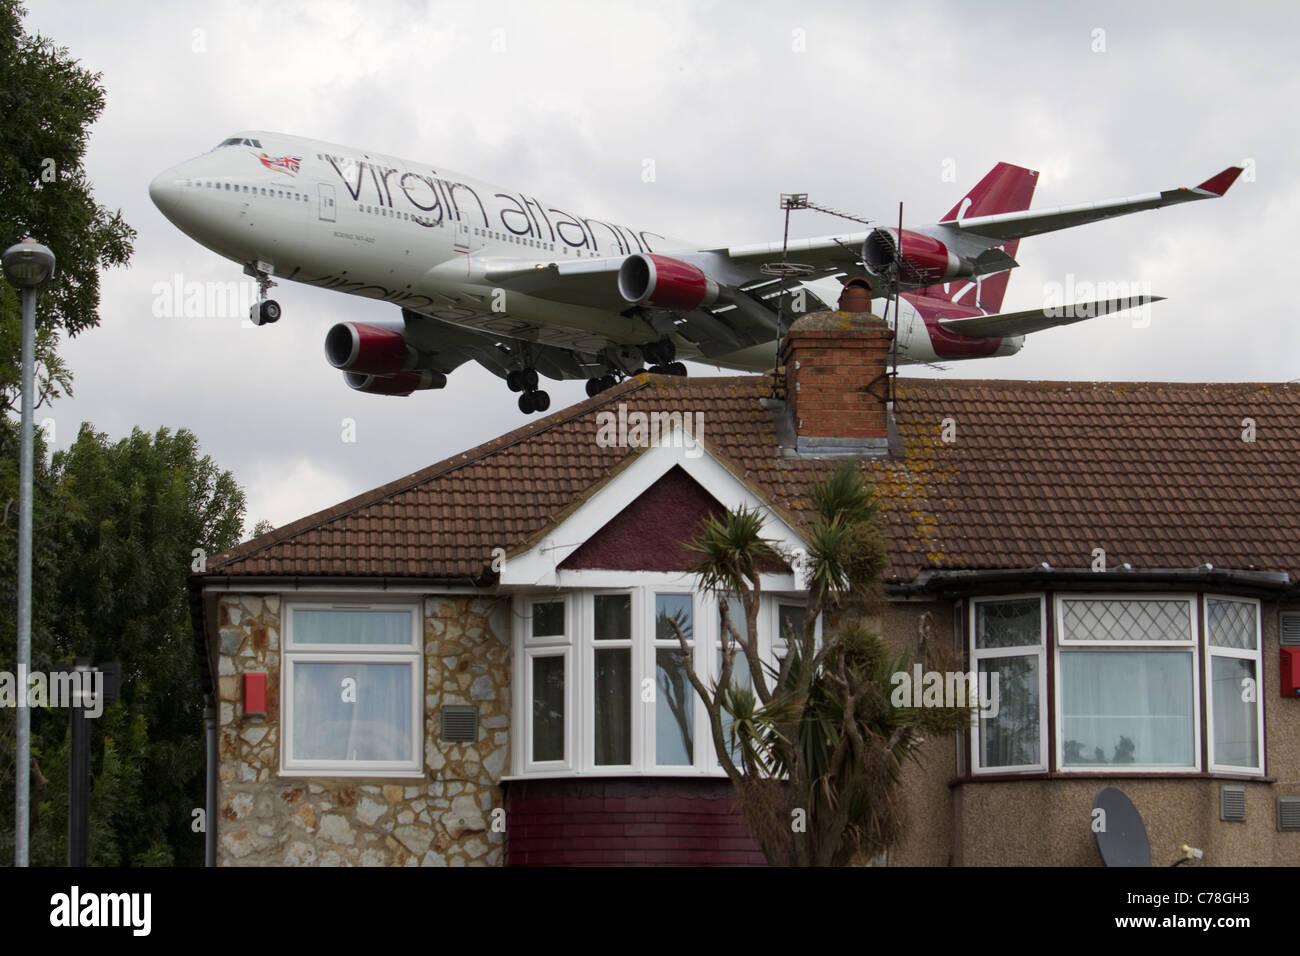 Bassa Battenti aereo aeroporto di Heathrow approccio Virgin Atlantic, inquinamento acustico con edilizia residenziale Immagini Stock